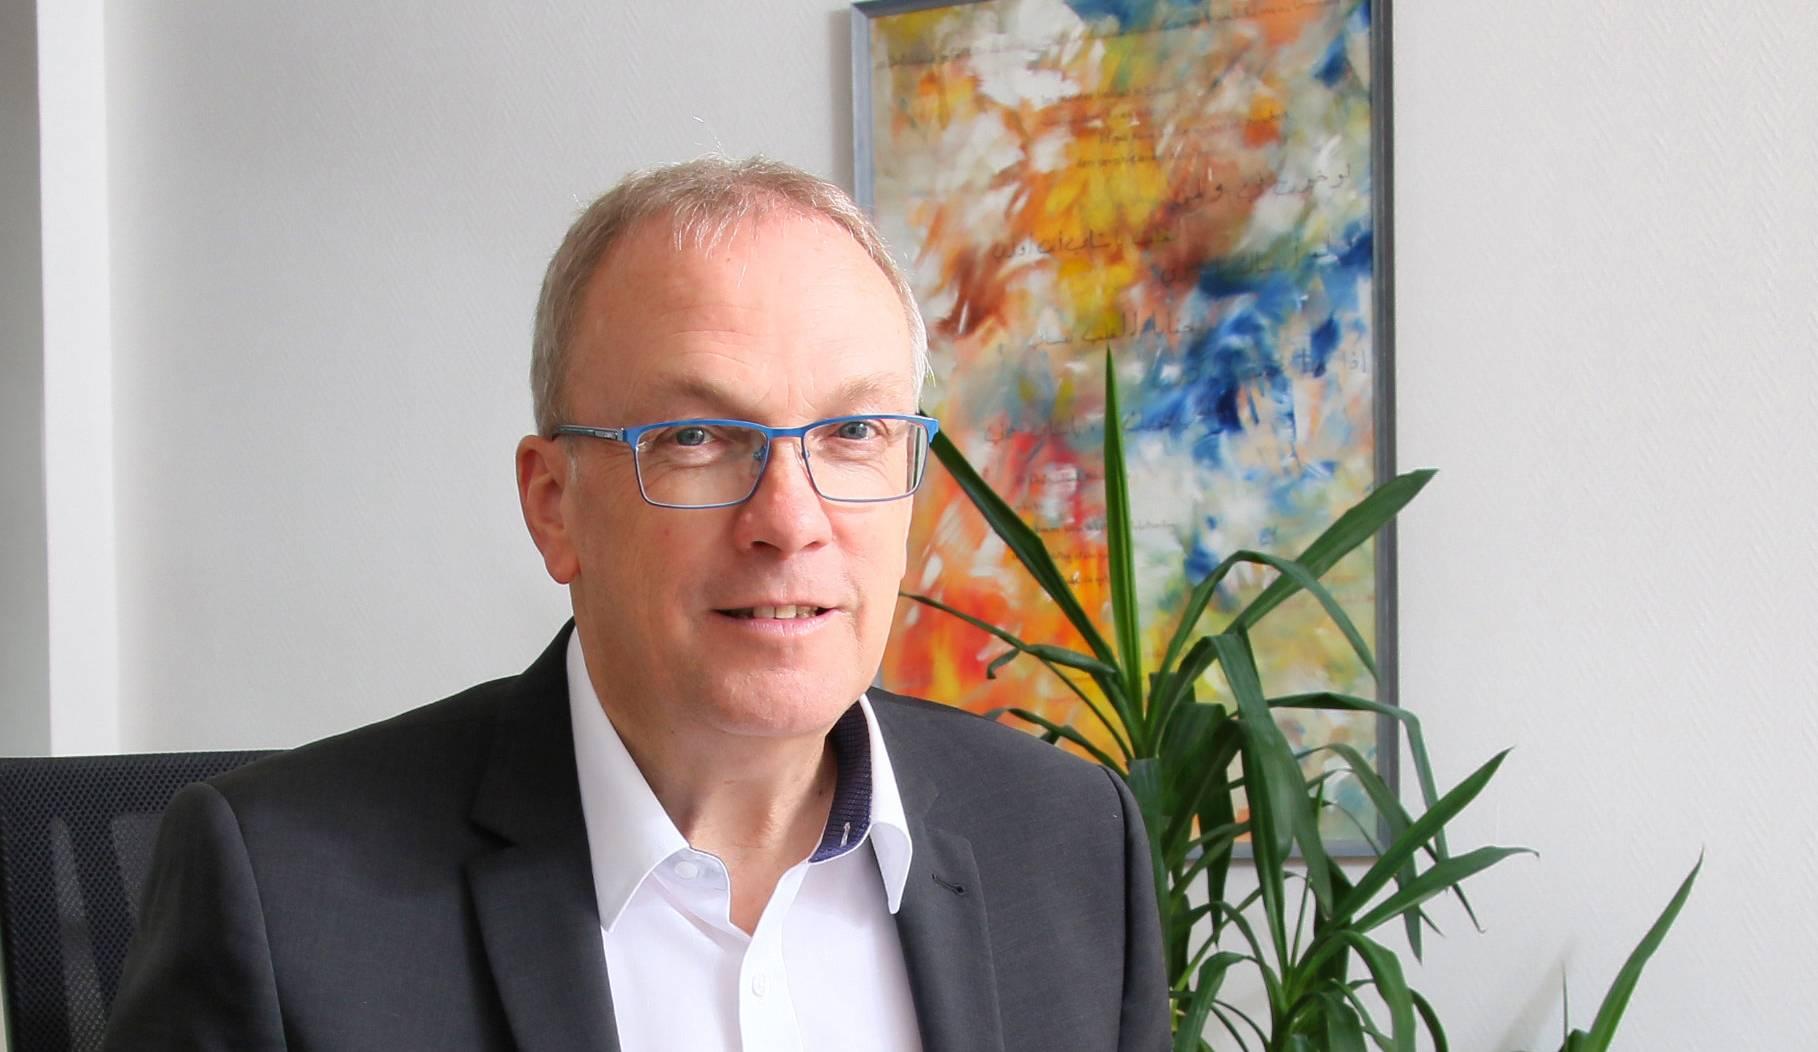 Landrat Udo Recktenwald nach Wahl in Thüringen: Ich schäme